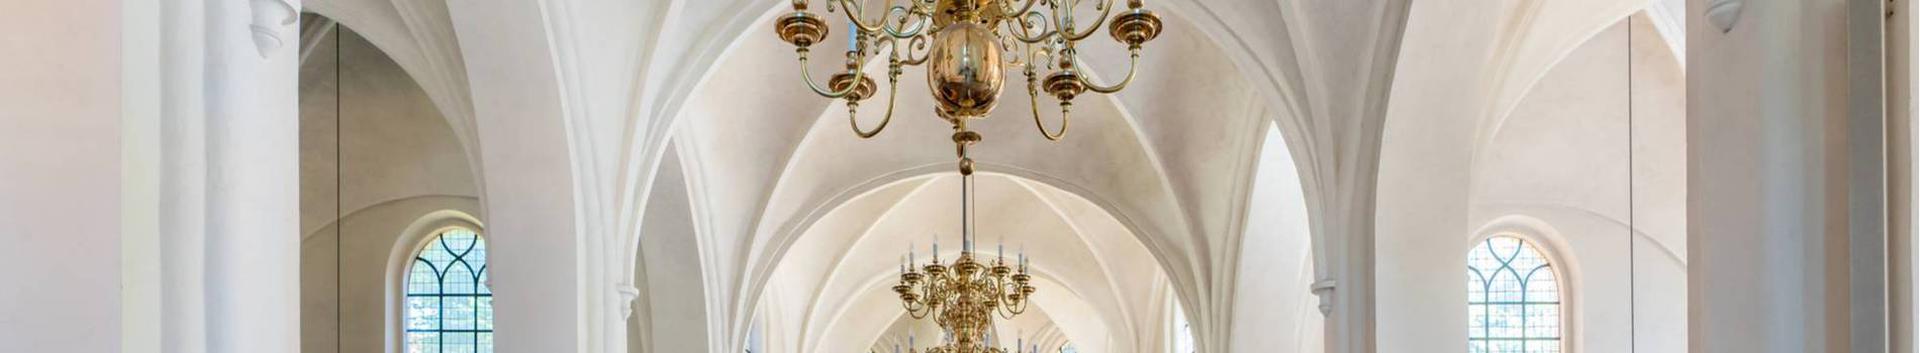 94911_kirikute-klooster-kogudus-tegevus_91202158_xl.jpg